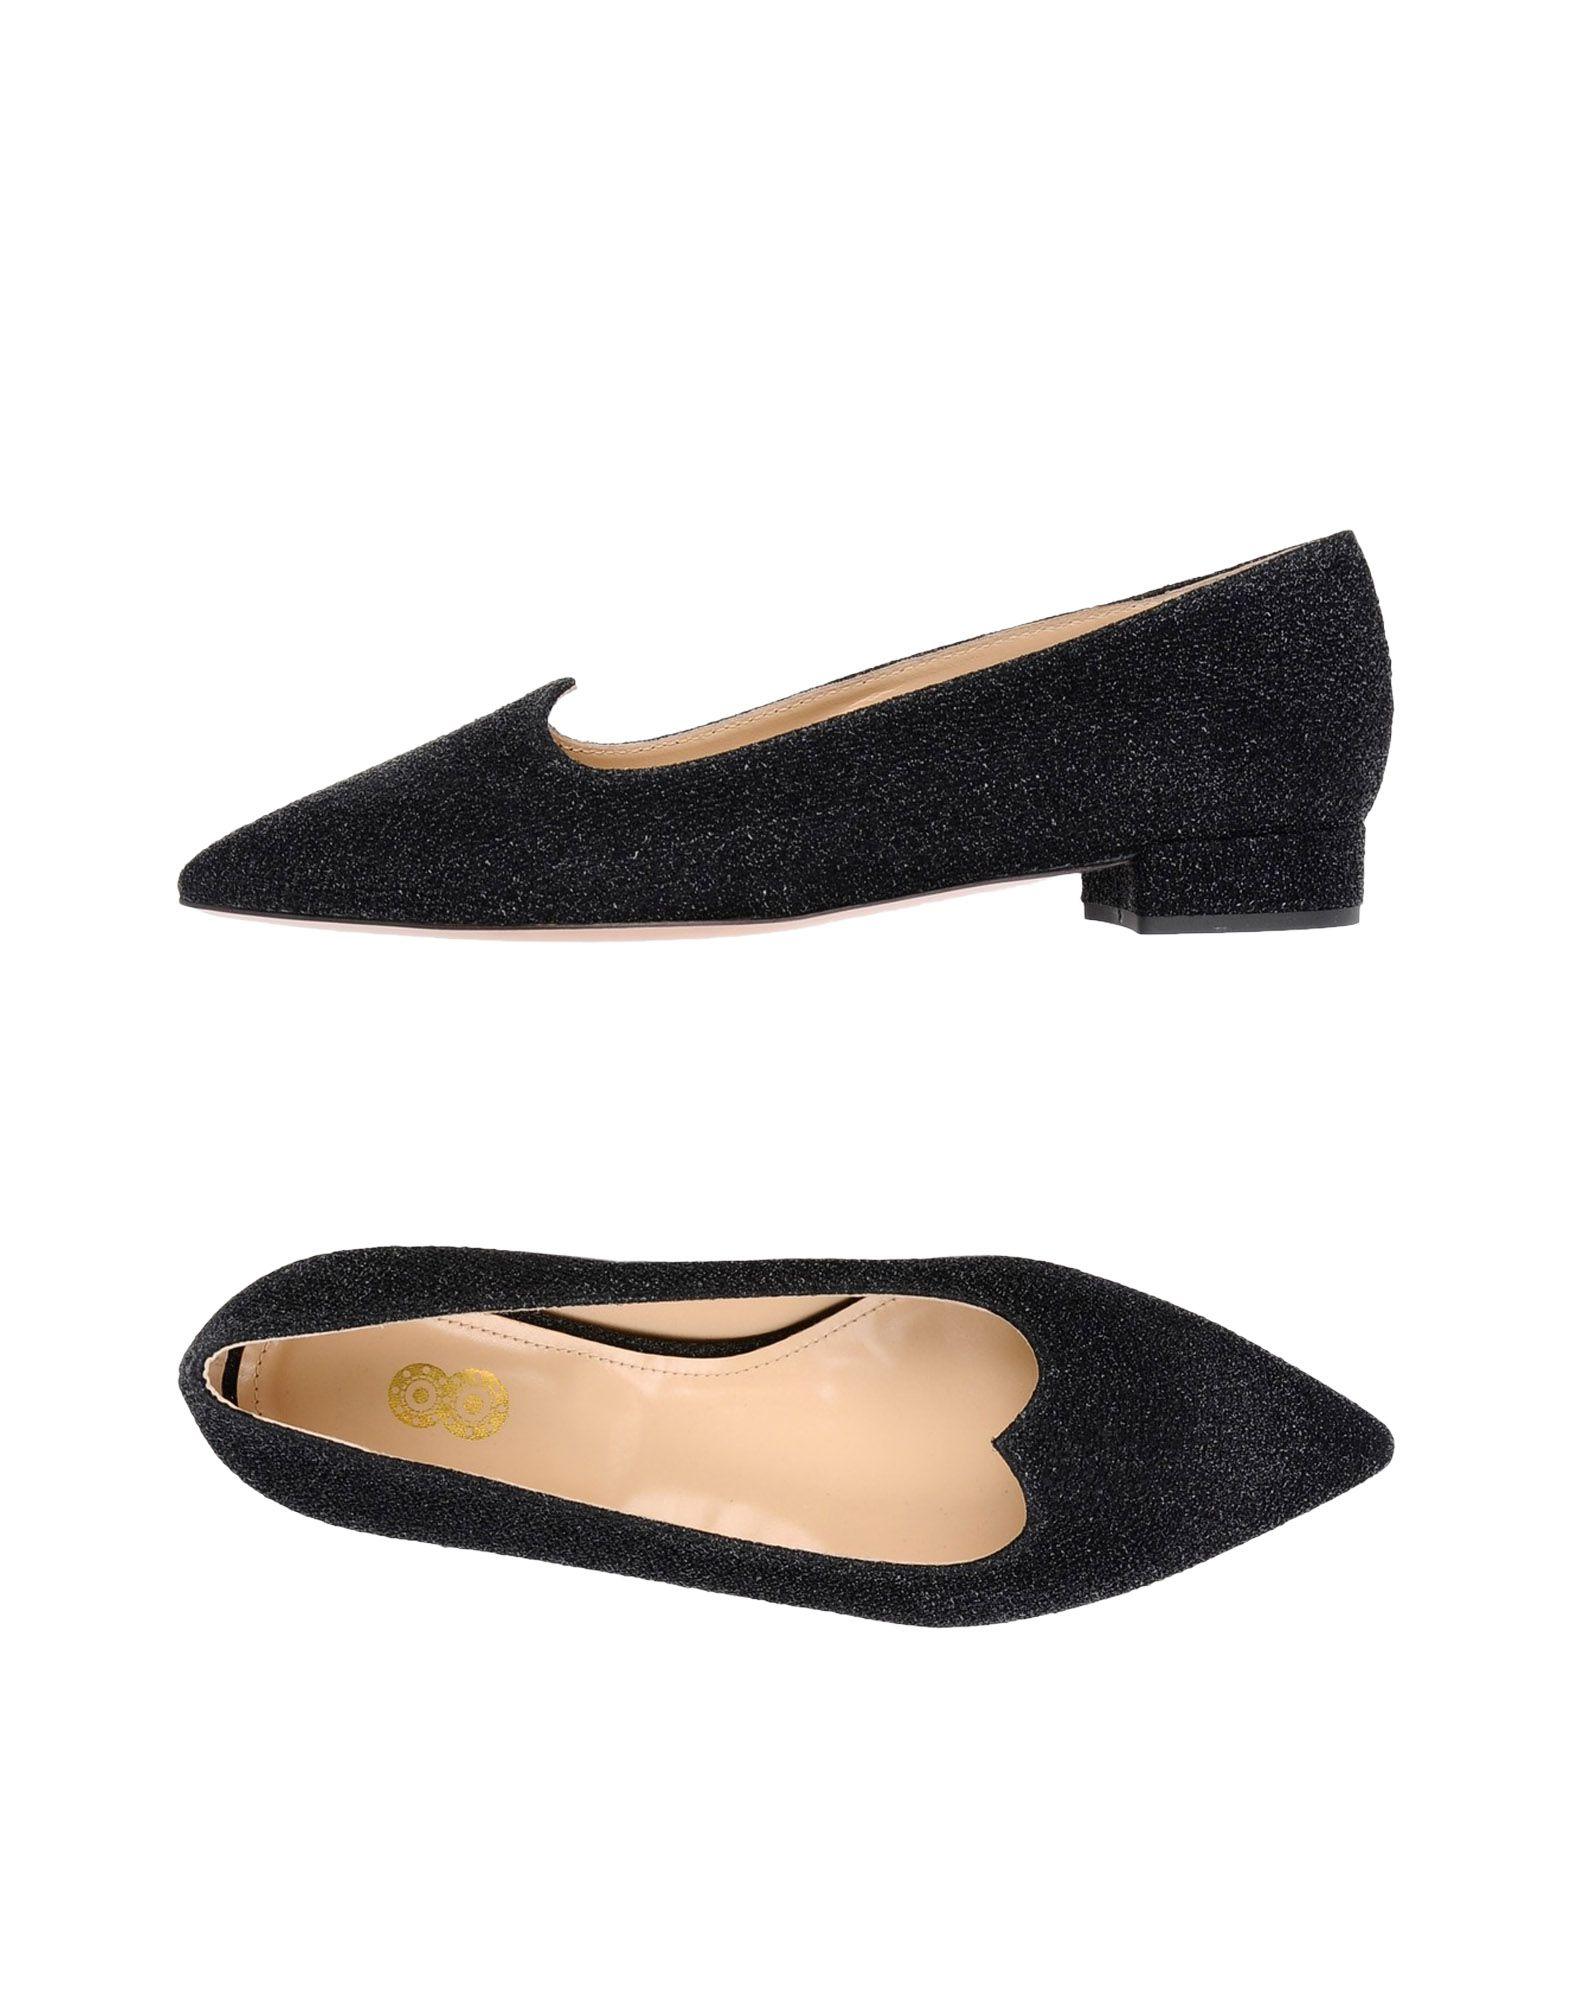 8 Gute Ballerinas Damen  11396793GR Gute 8 Qualität beliebte Schuhe b356e9